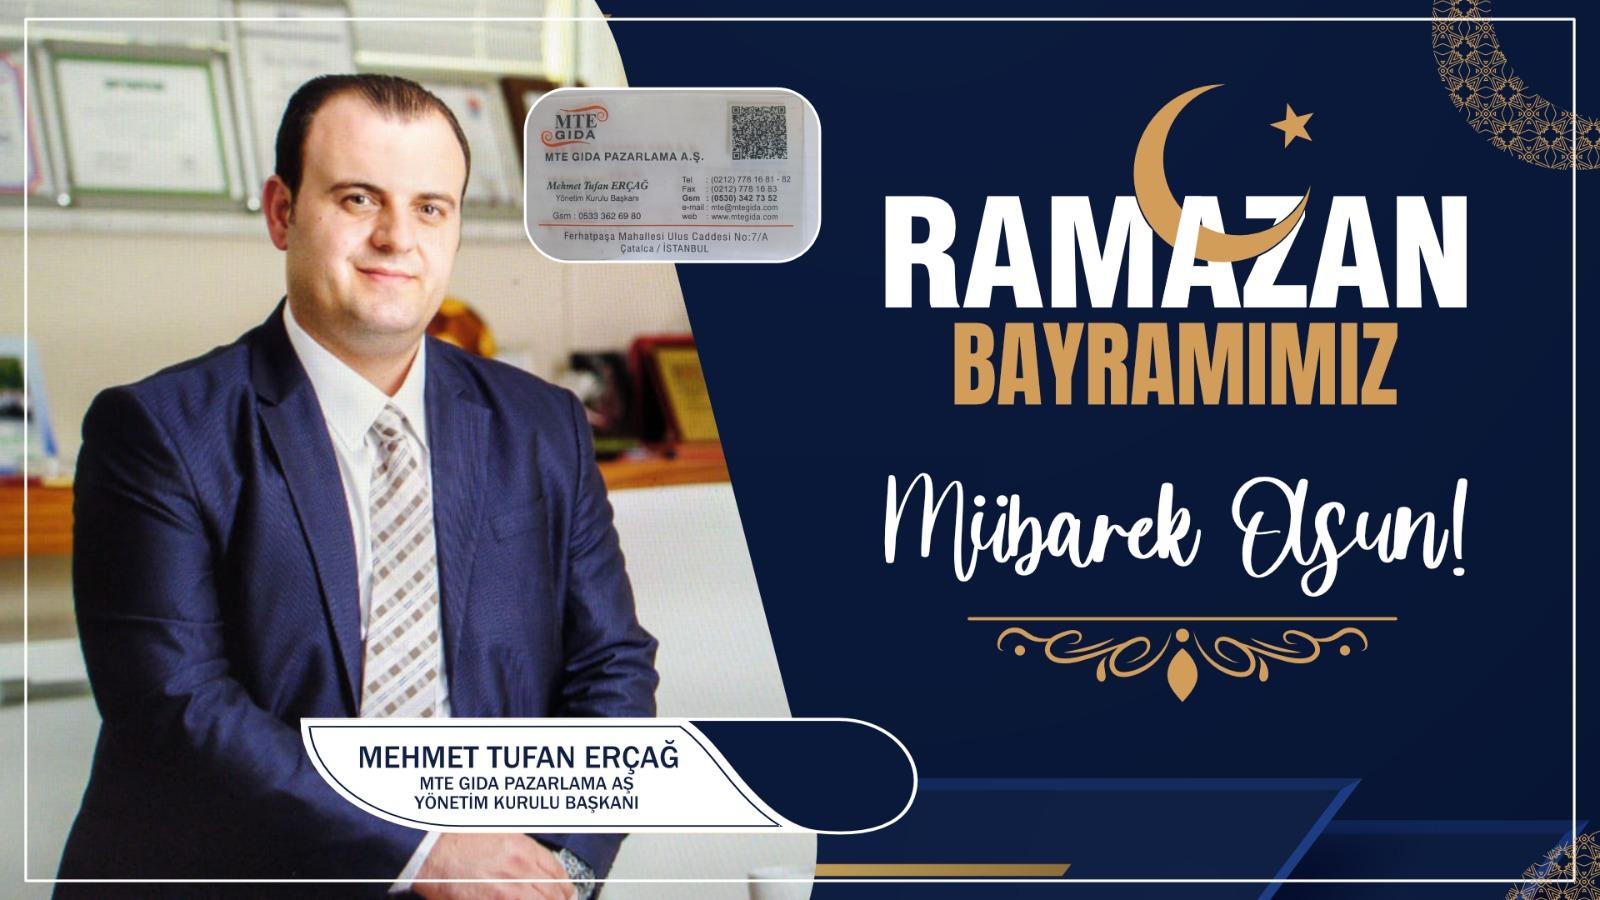 Mehmet Tufan Erçağ'dan Ramazan Bayramı Kutlama Mesajı